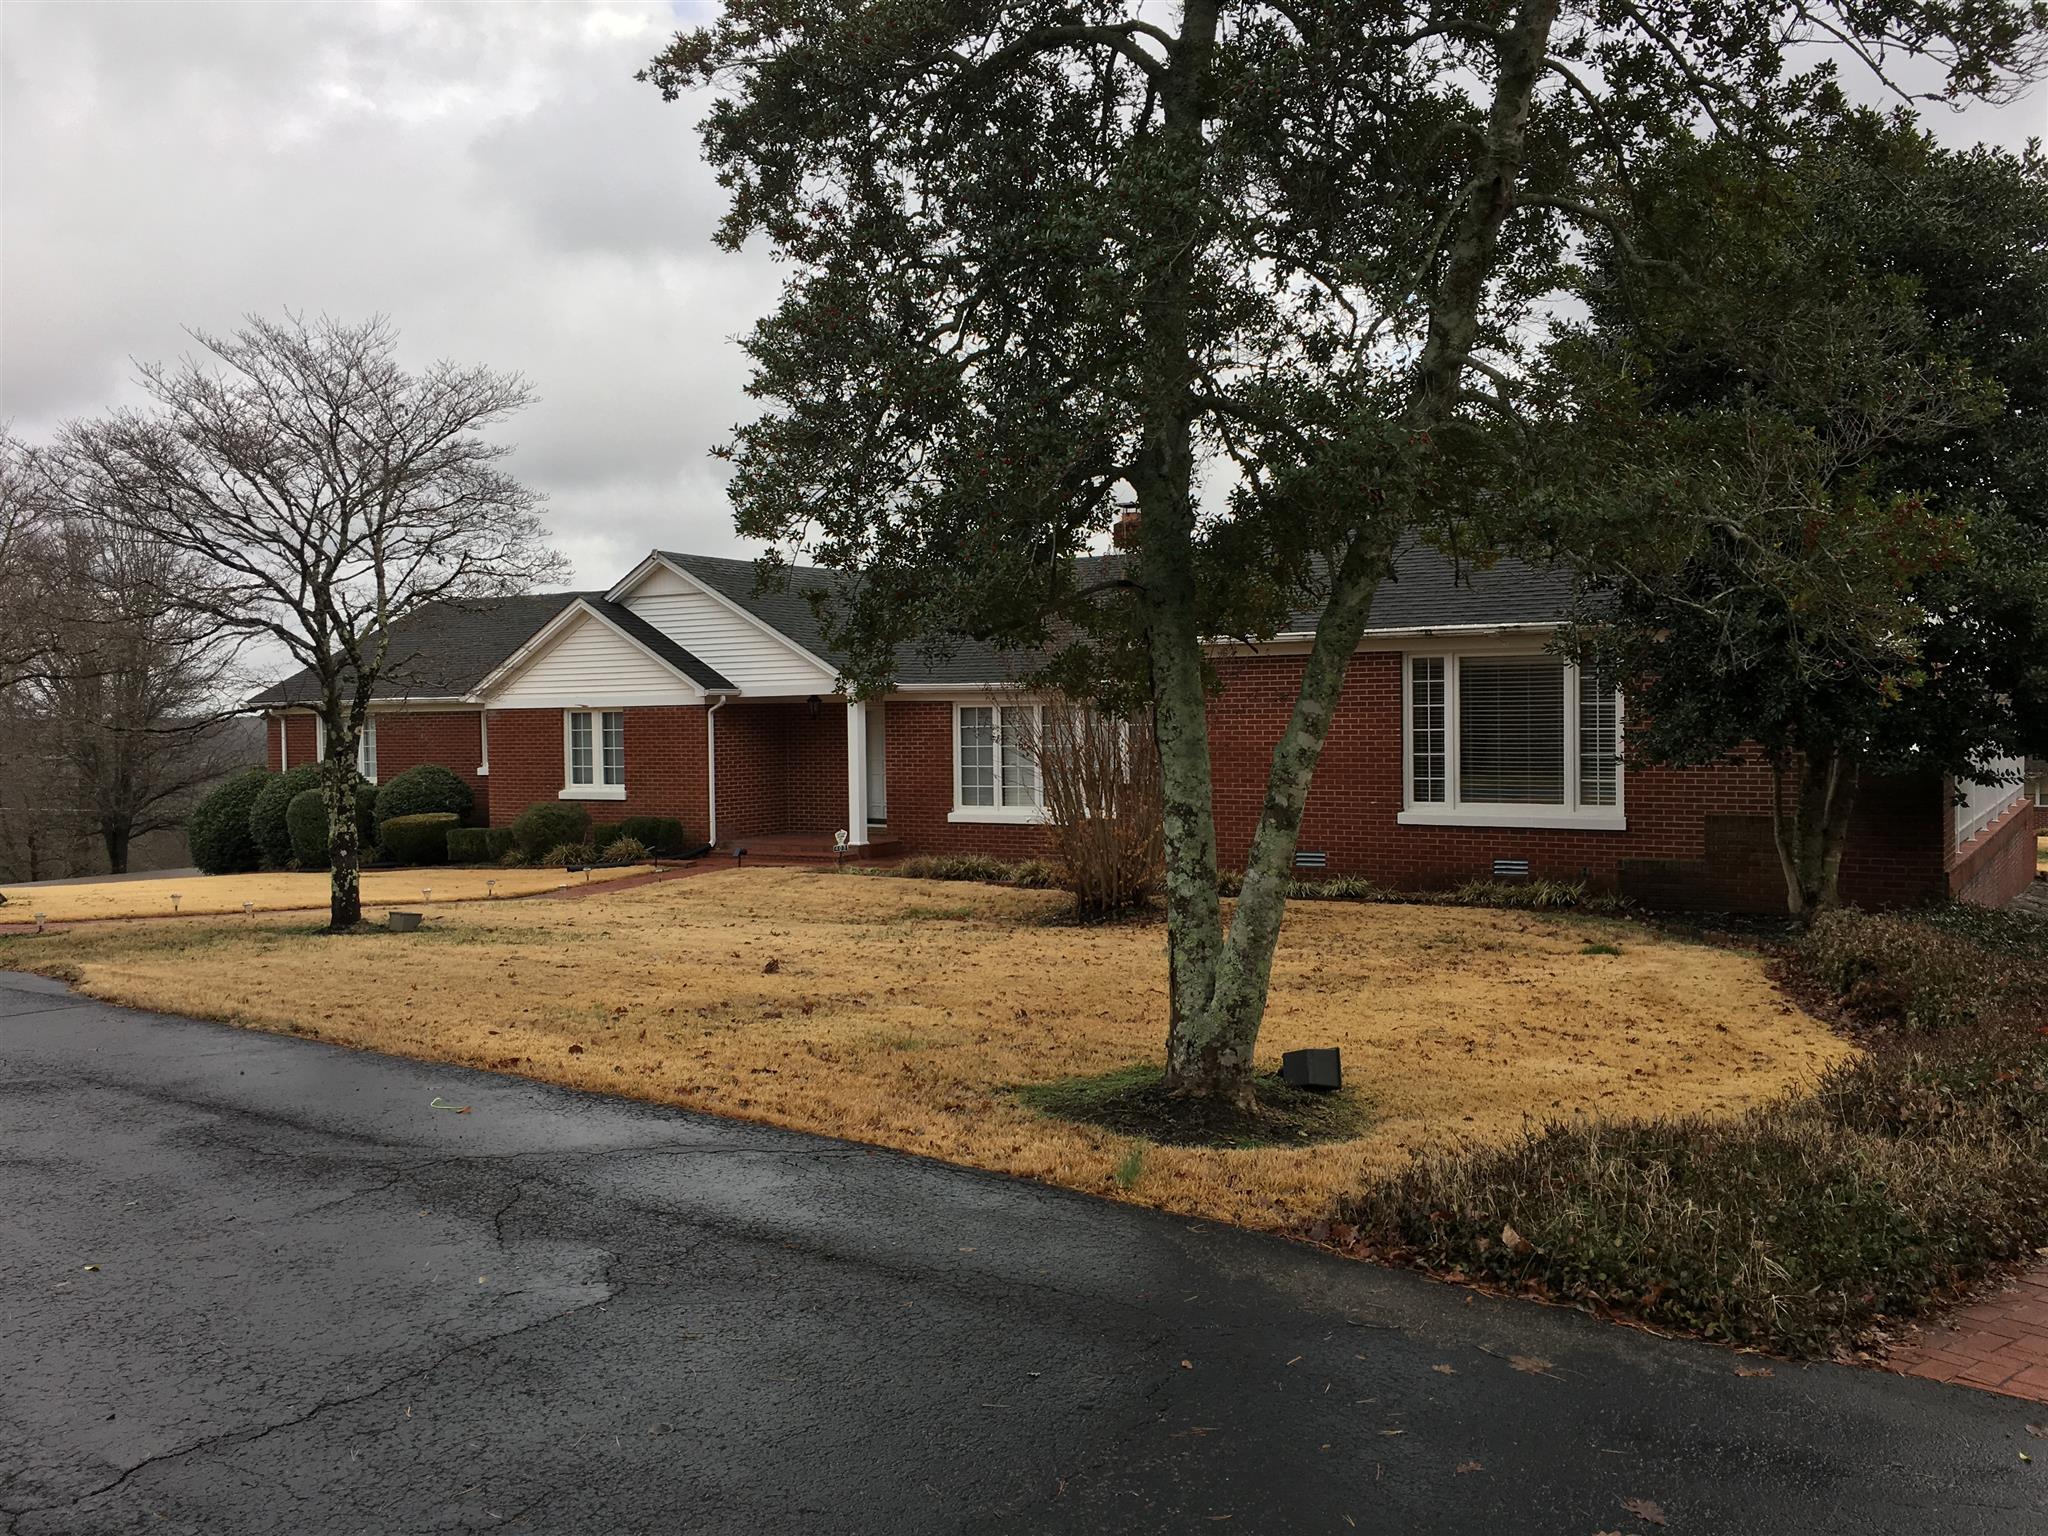 403 Copeland Dr, Waynesboro, TN 38485 - Waynesboro, TN real estate listing